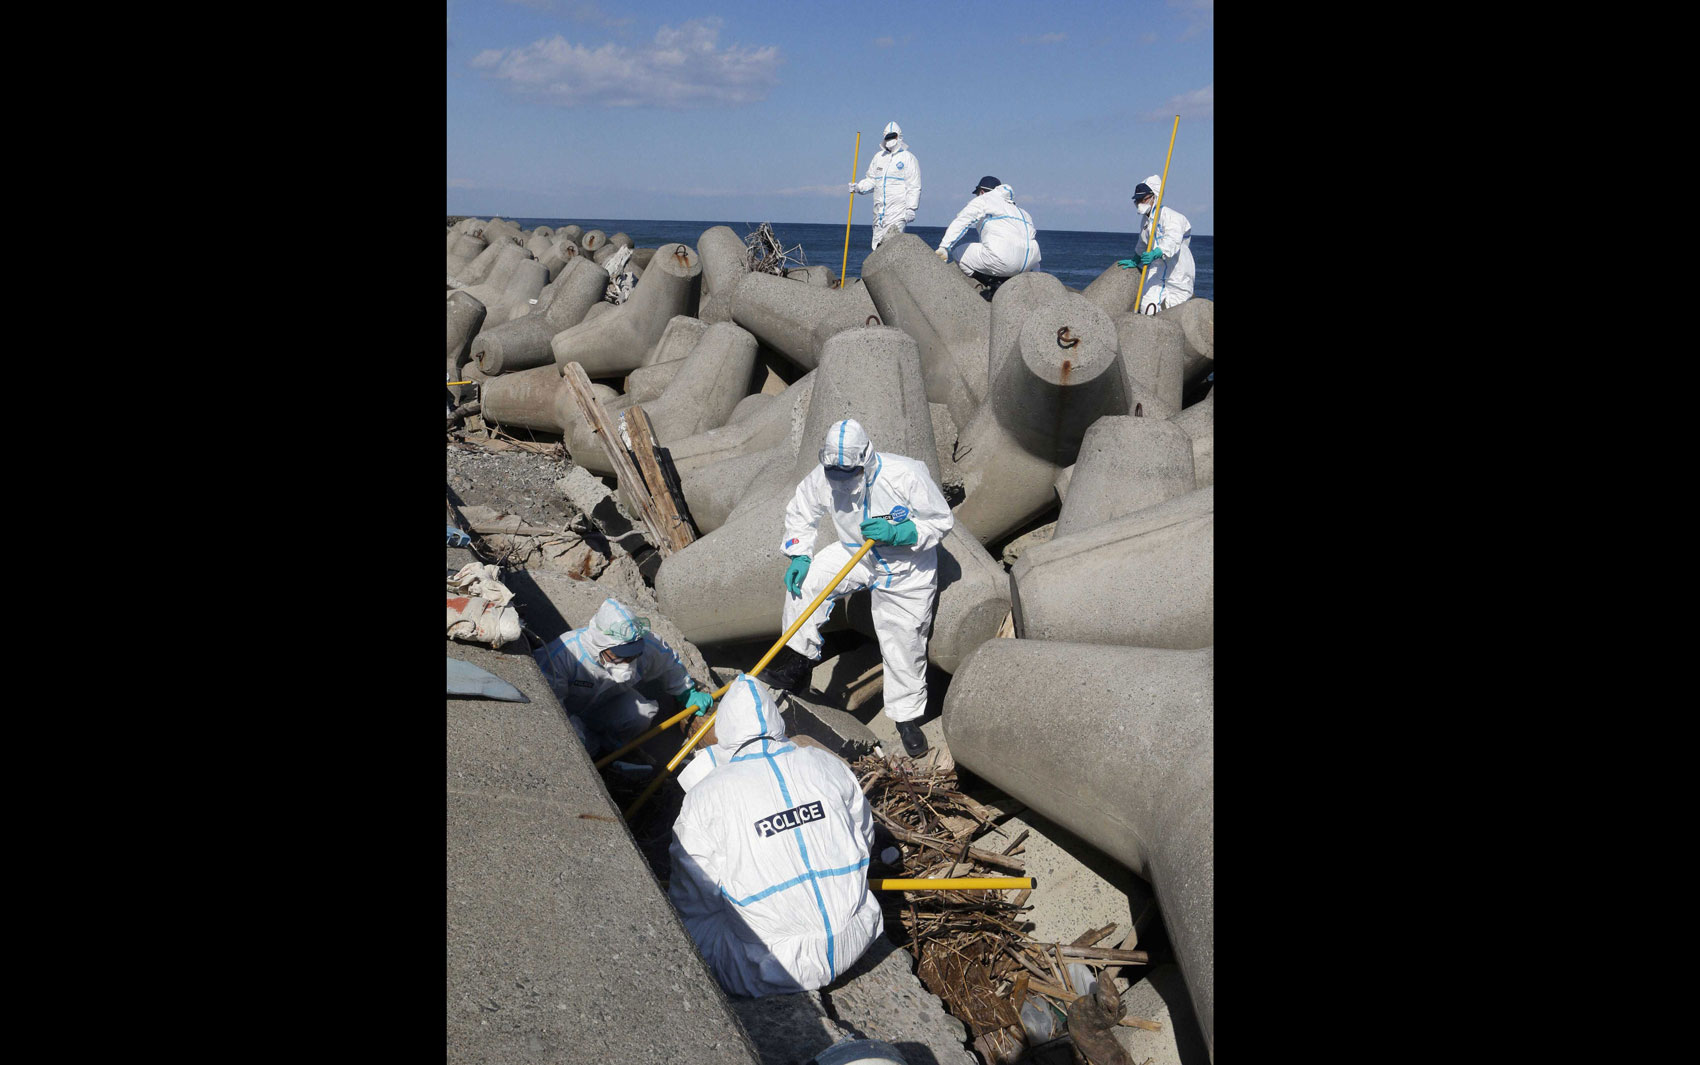 Equipe com trajes de proteção busca por corpos de desaparecidos em Okuma, perto da usina nuclear de Fukushima, exatos dois anos após o tsunami que gerou um sério acidente nuclear no local